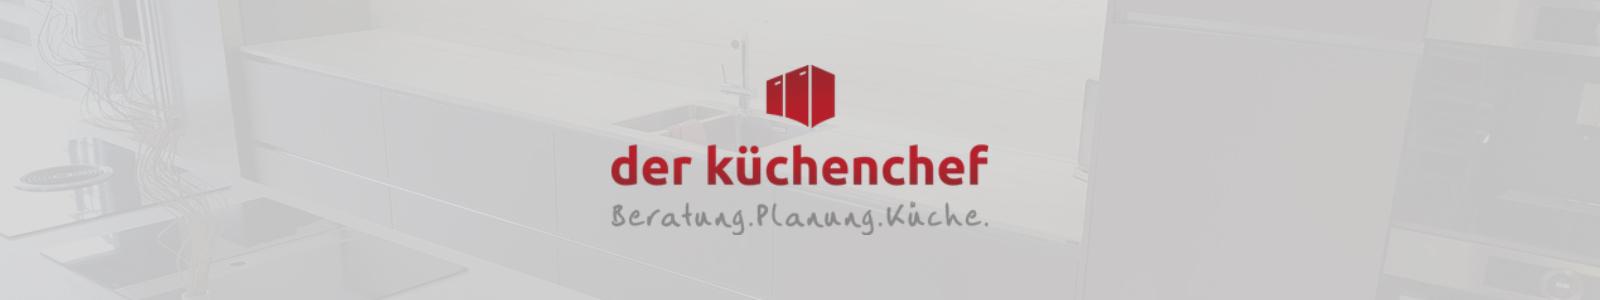 Der Küchenchef Saalfeld kuechenguide.com